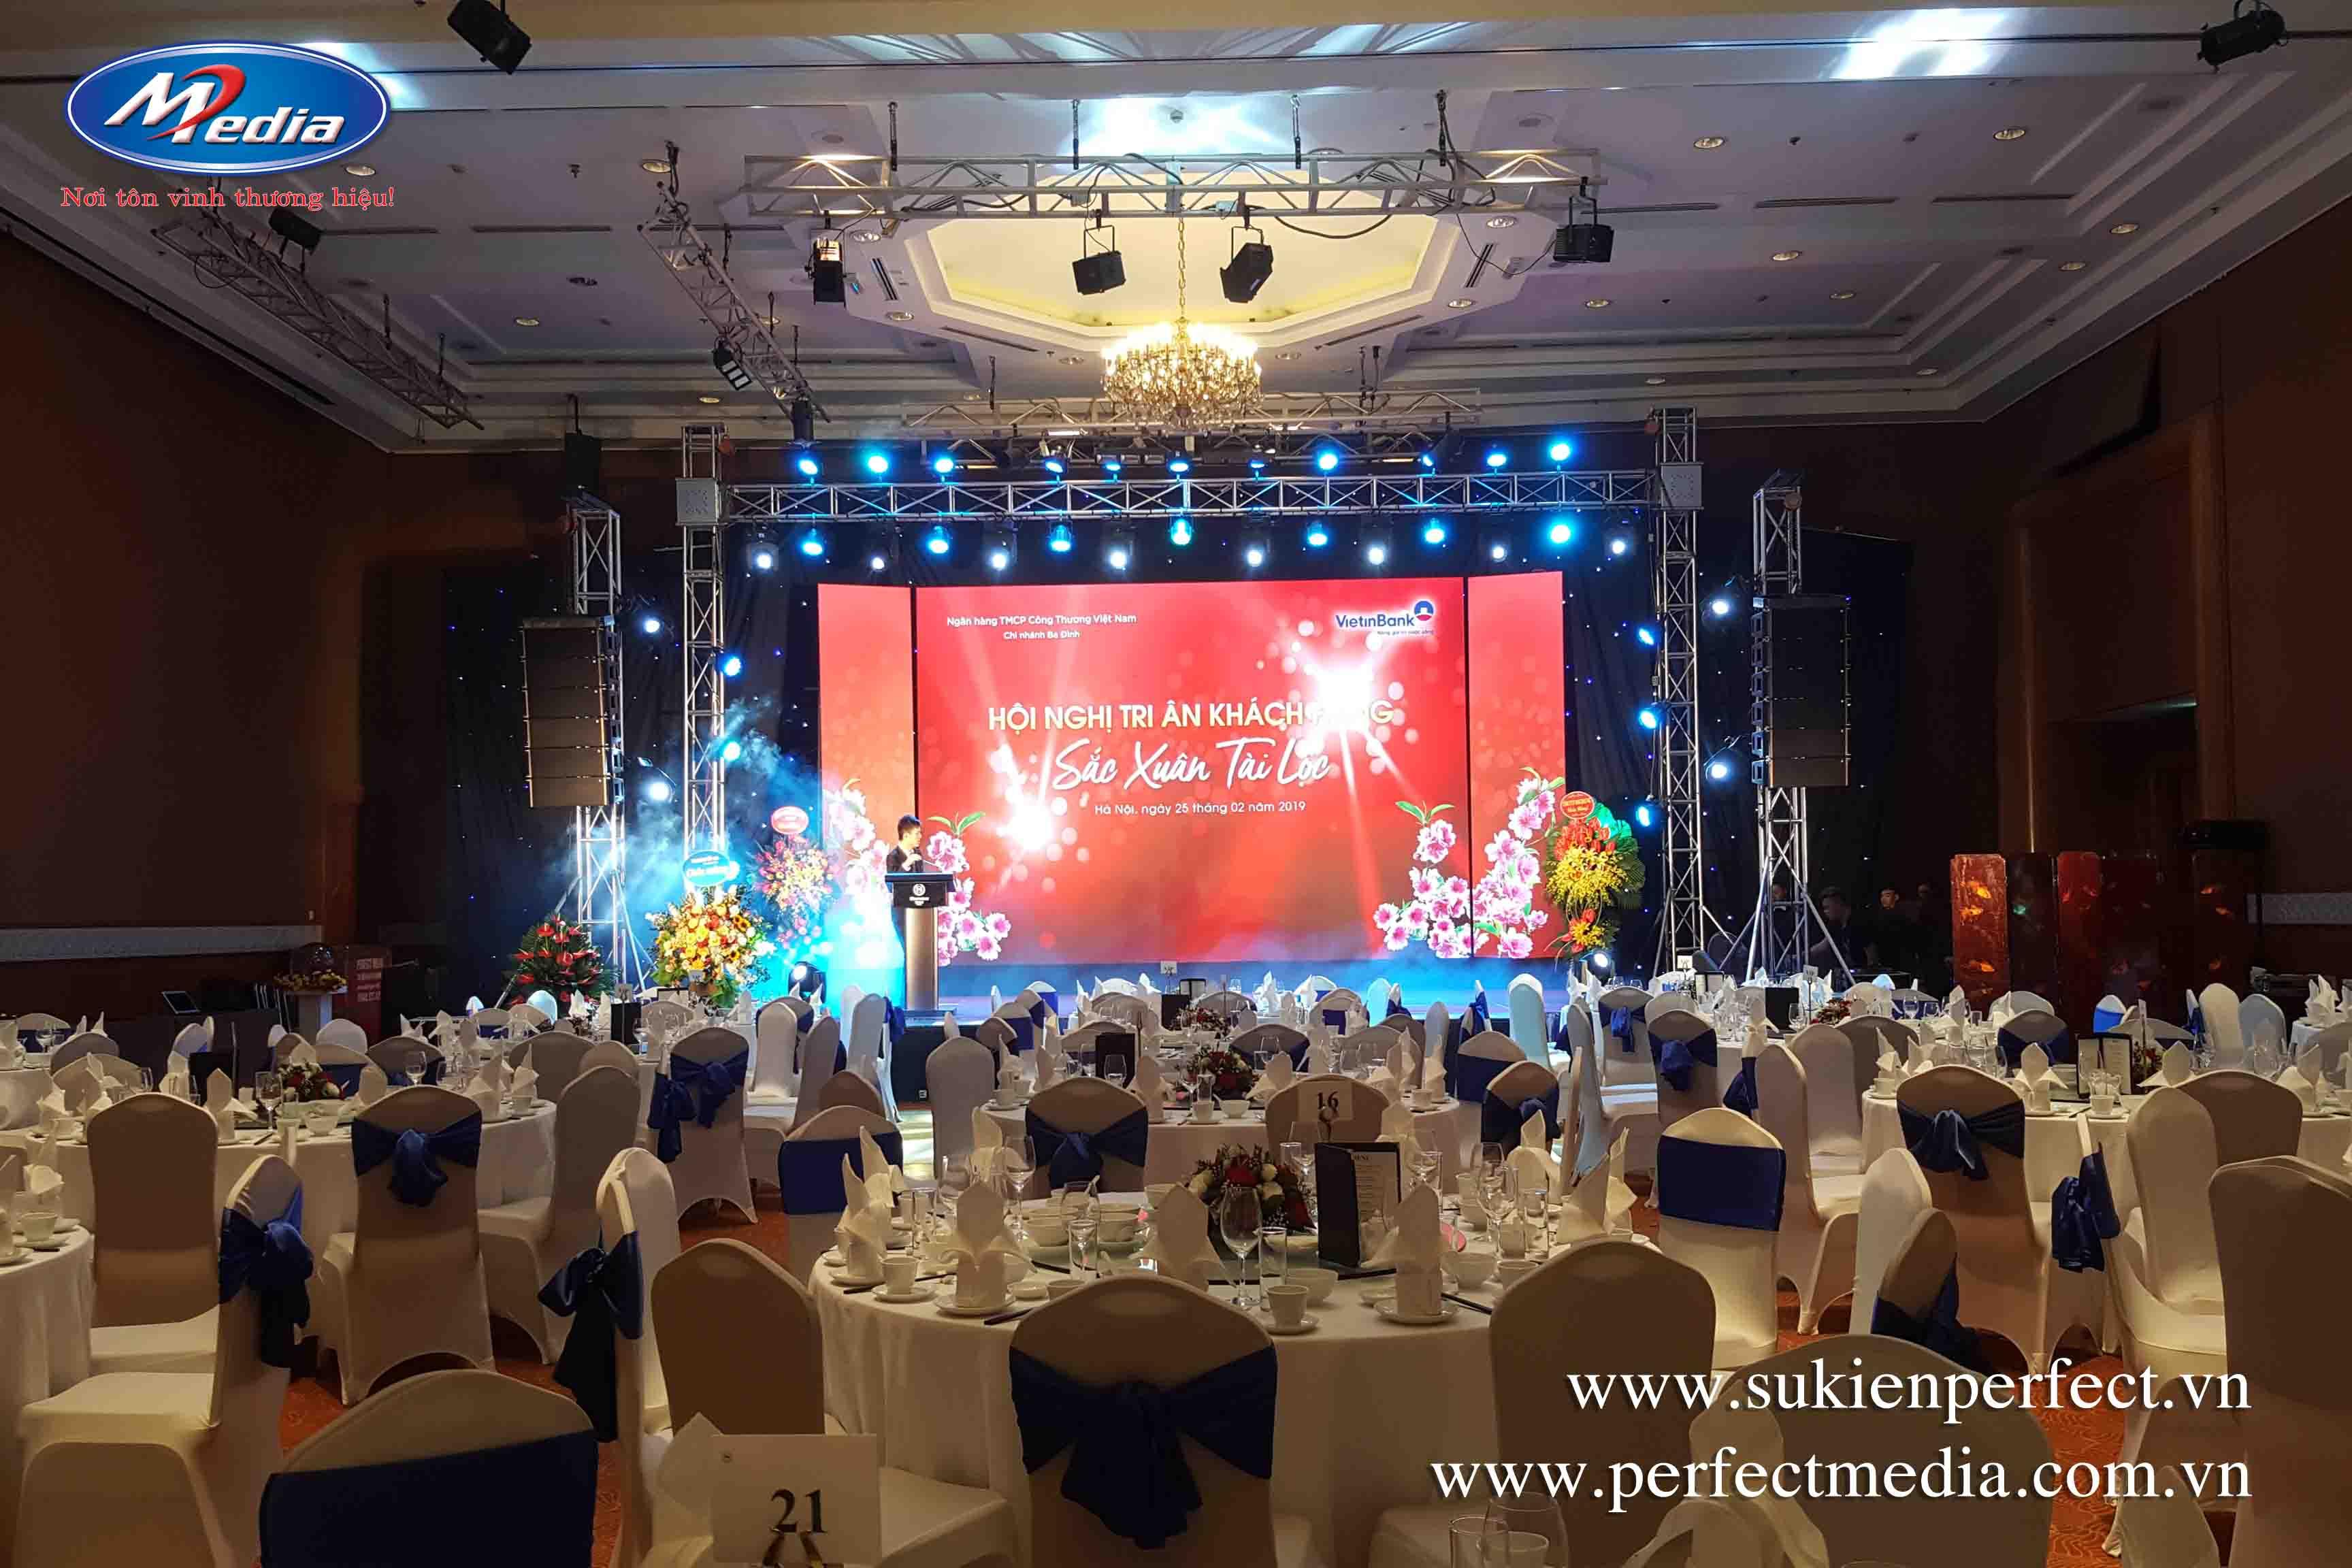 tổ chức hội nghị, tri ân khách hàng tại Hà Nội